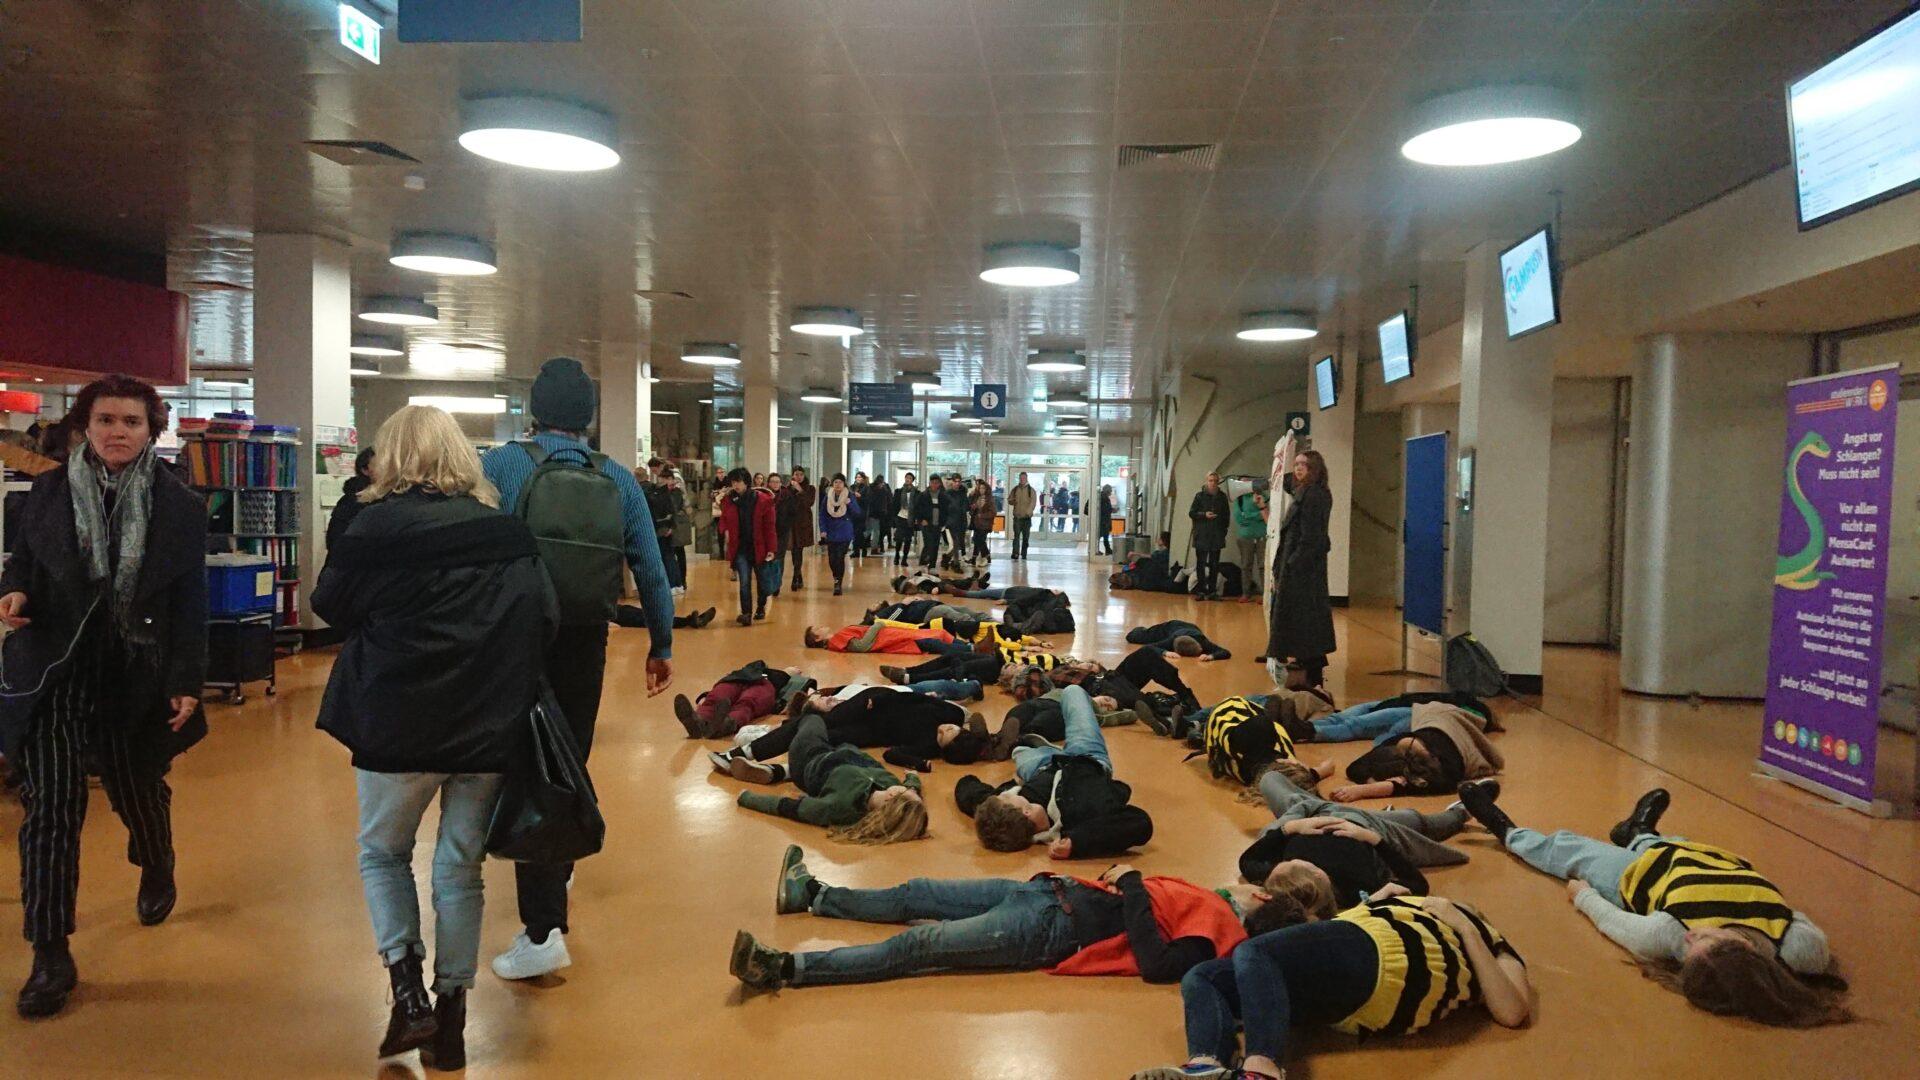 Protest für klimafreundliches Mensaessen. Foto: Julian Sadeghi